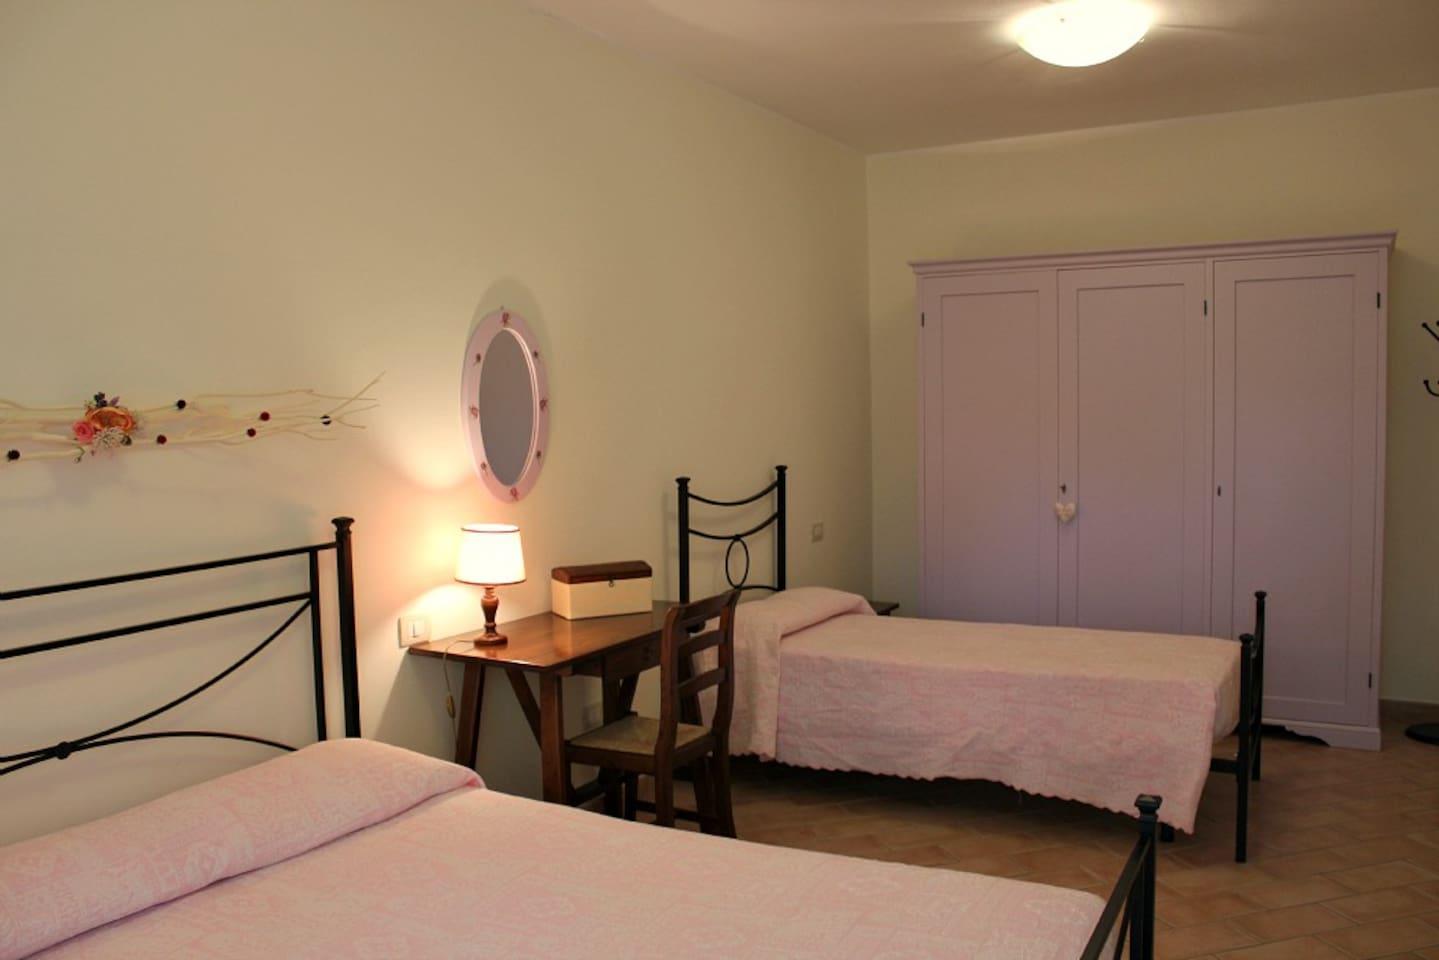 Camera dell'Appartamento Fabiola, letto matrimoniale + letto singolo. Primo piano.